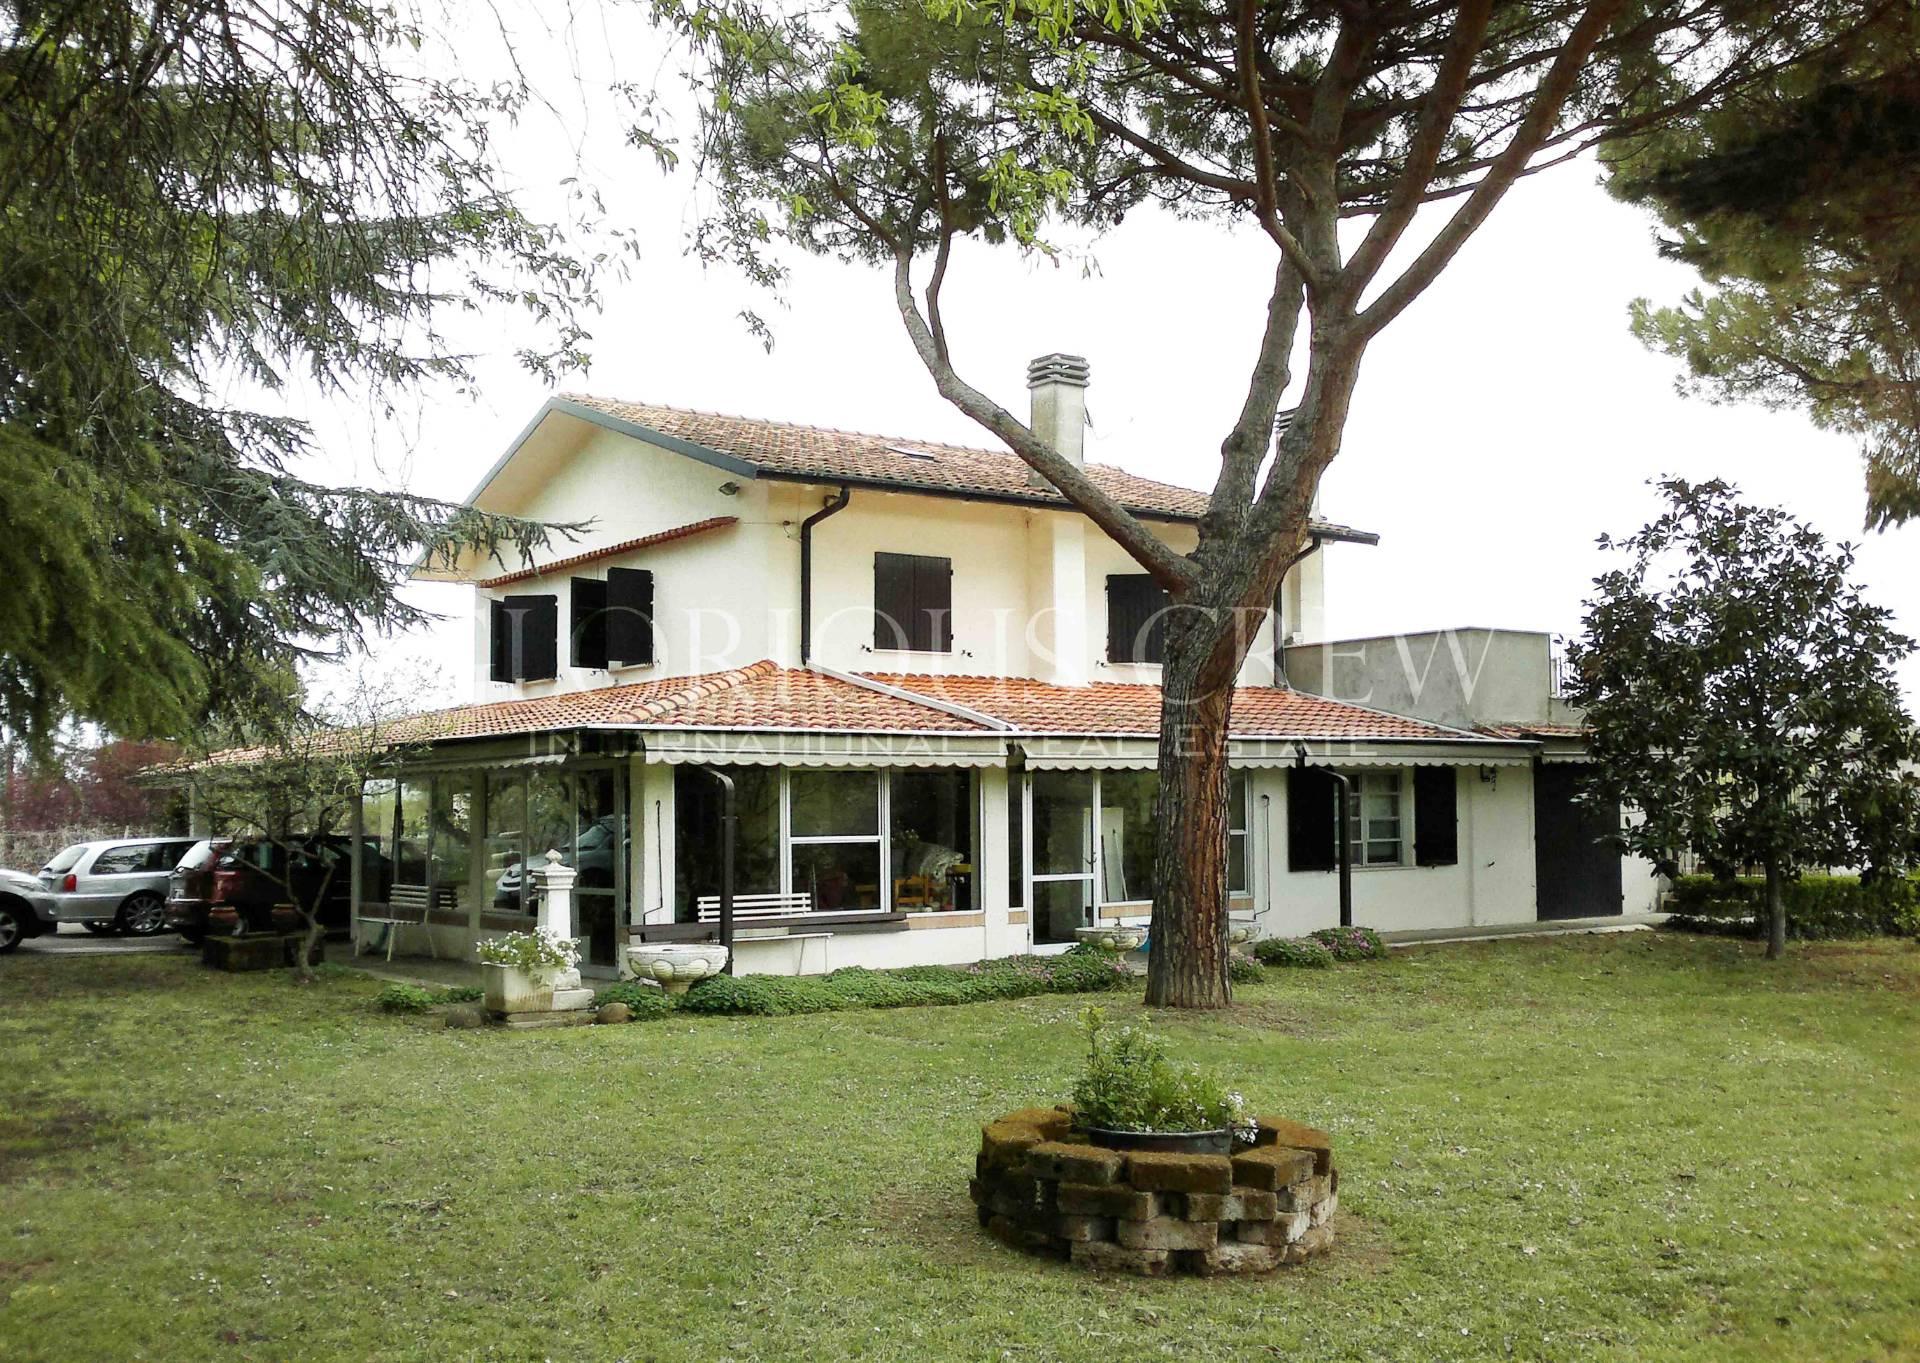 Villa in Vendita a Coriano: 5 locali, 462 mq